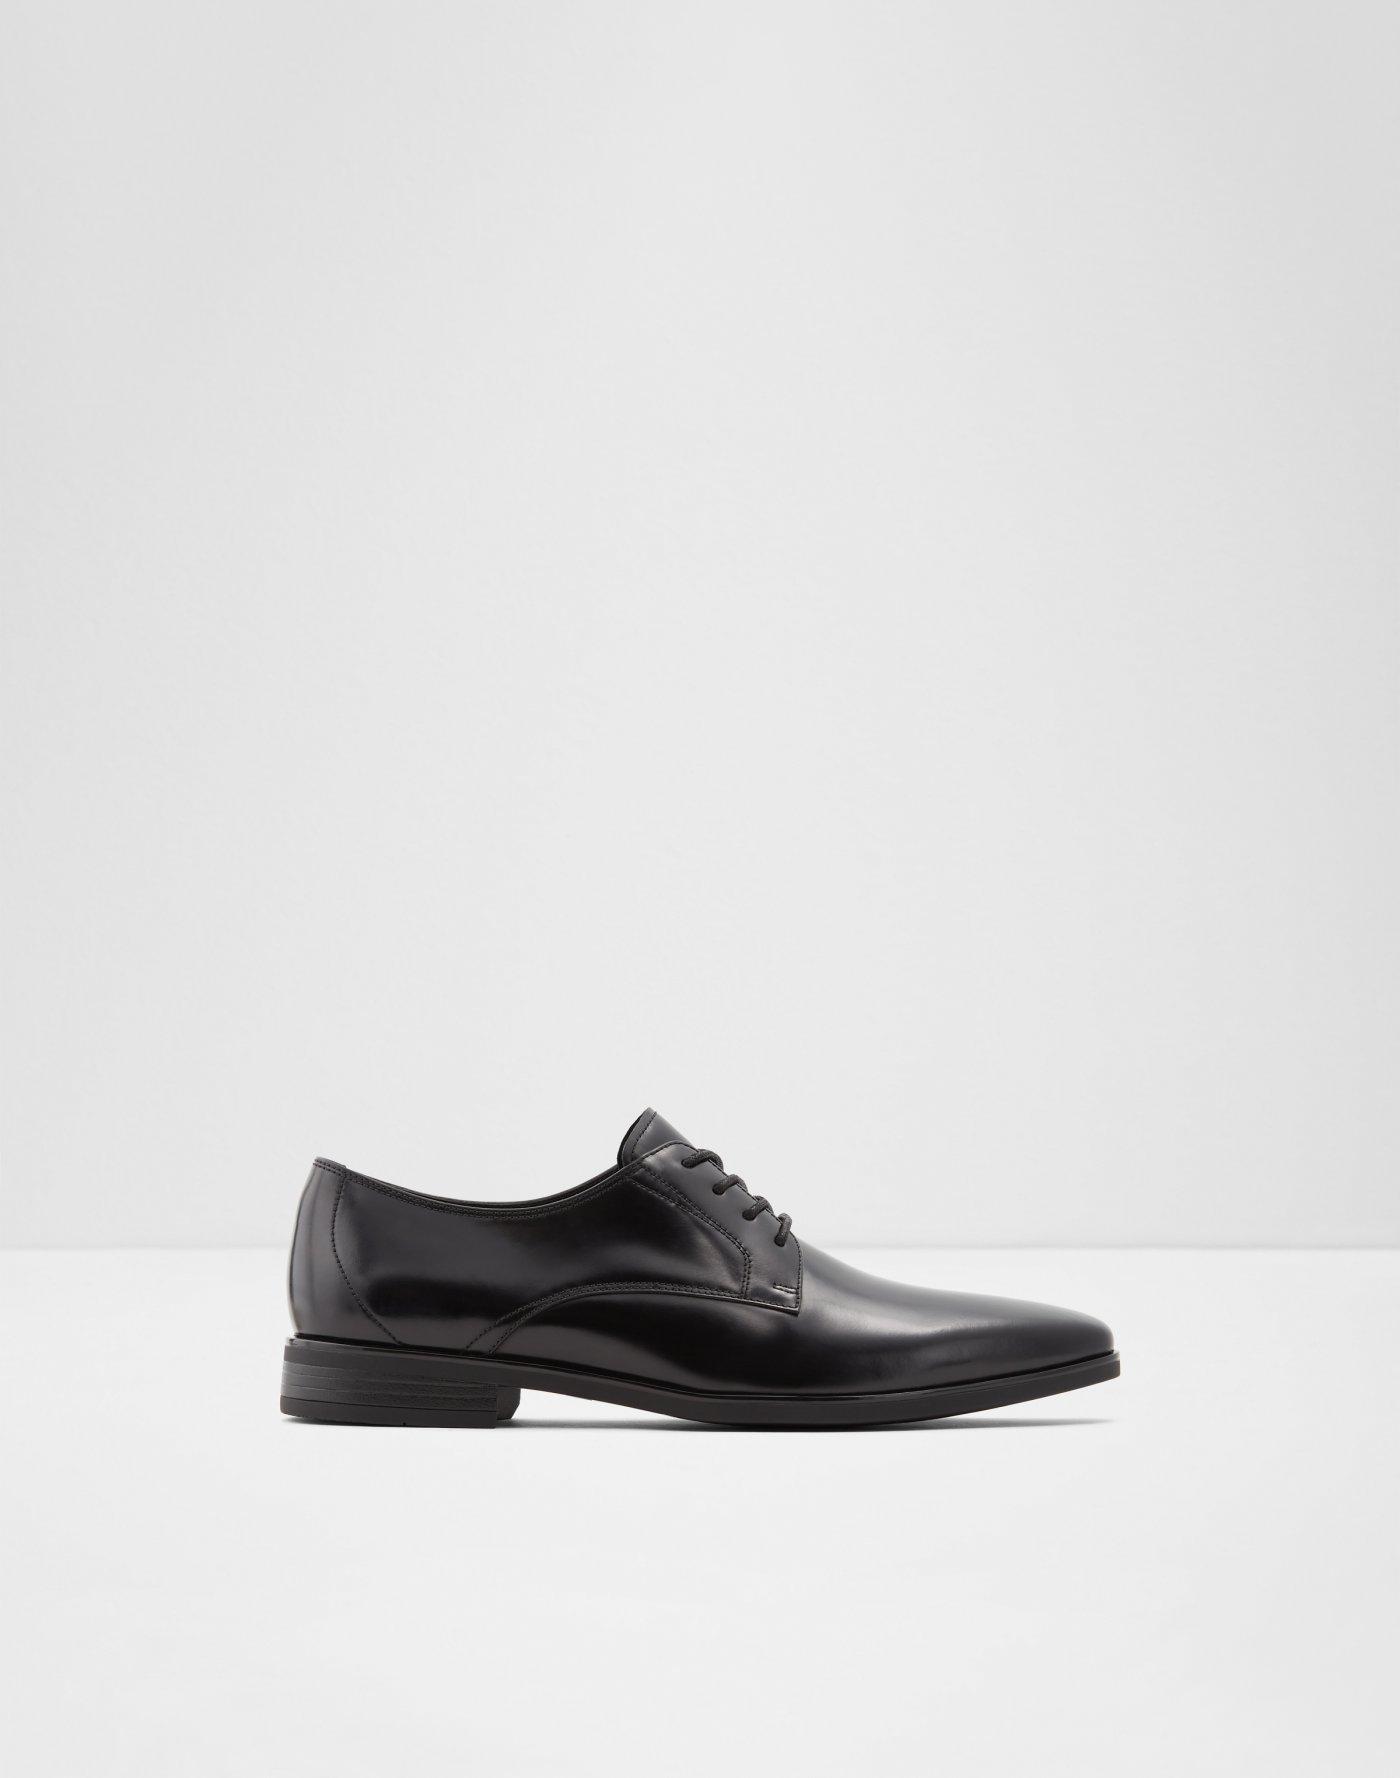 Pour HommesFrance Chaussures Pour Chaussures Chaussures HommesFrance HommesFrance Chaussures Pour 5Rj3qA4L